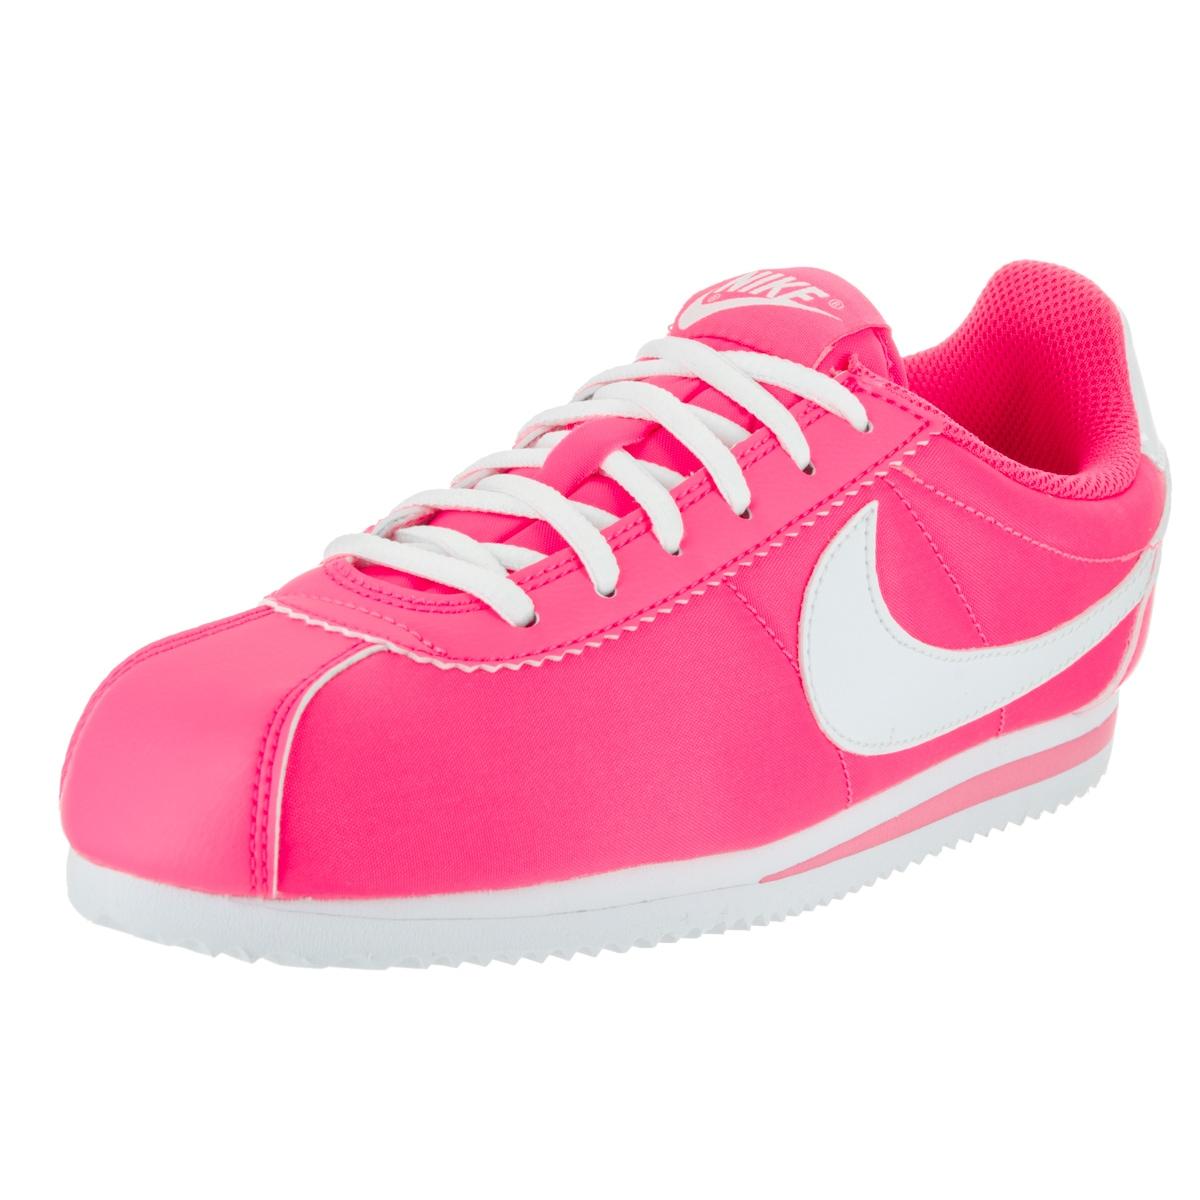 Nike Kids' Cortez Pink Nylon Casual Shoes (5.5), Boy's